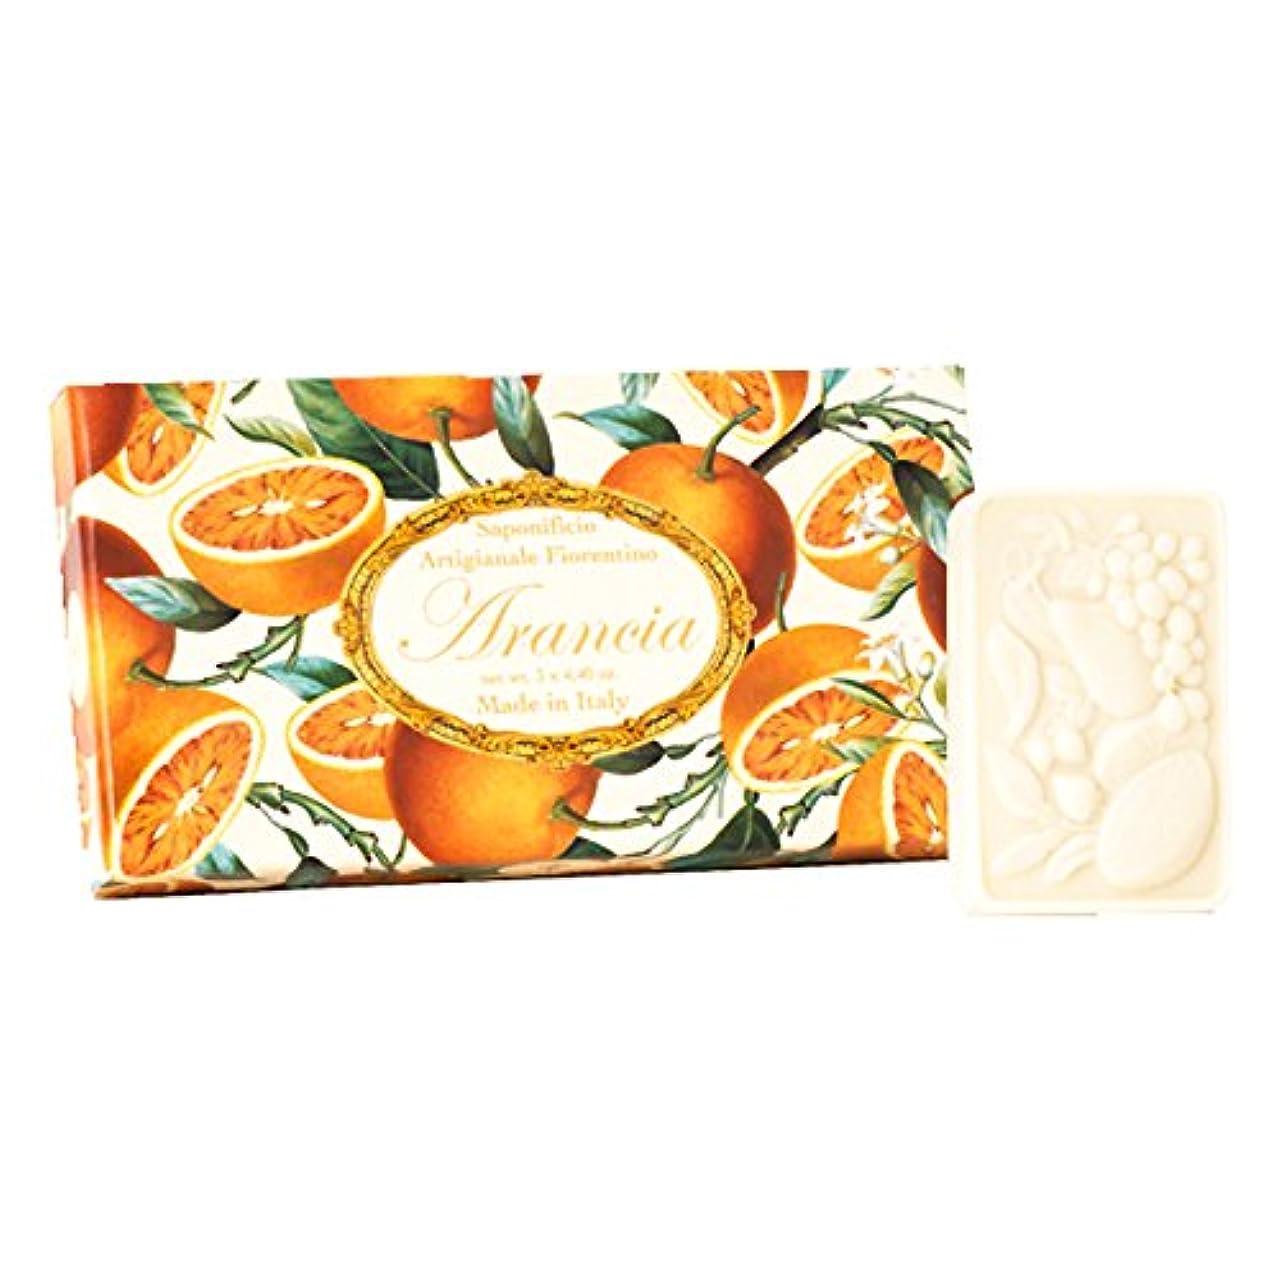 苦いれんが苦いフィレンツェの 長い歴史から生まれたこだわり石鹸 オレンジ【刻印125g×3個セット】